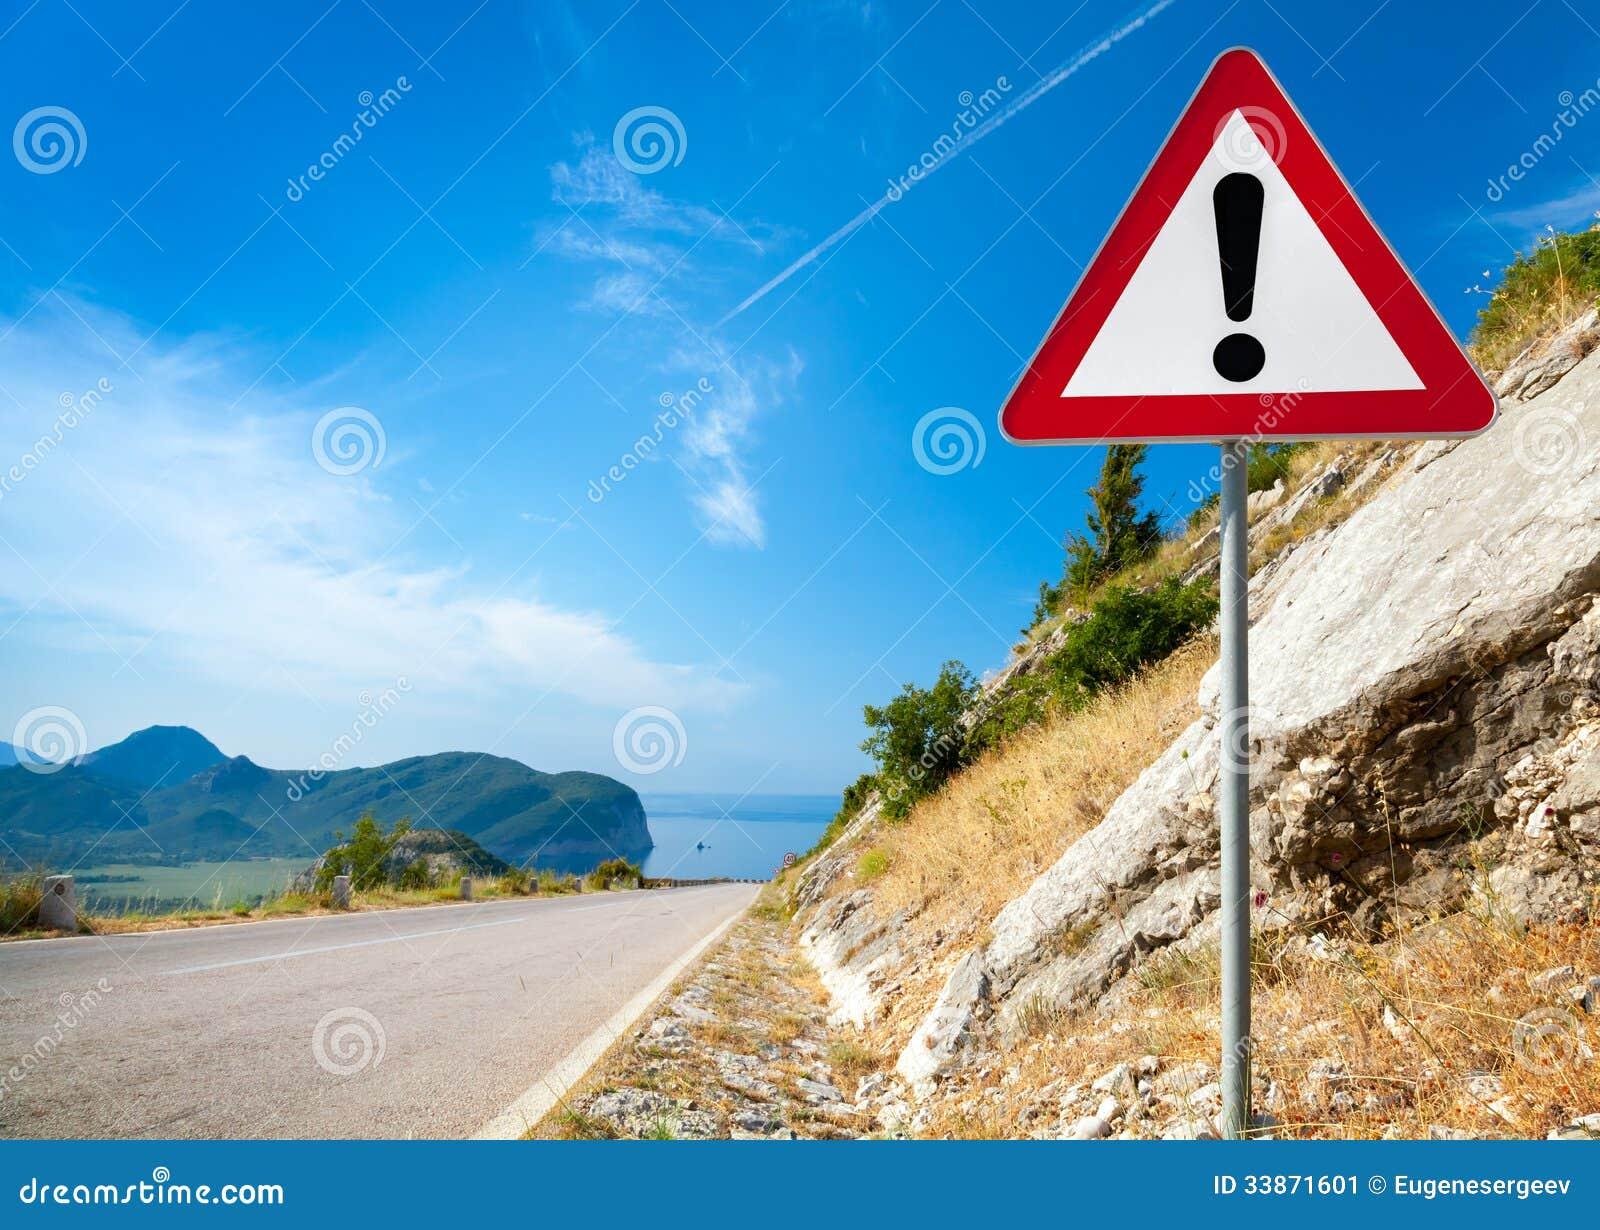 panneau routier d 39 avertissement avec une marque d 39 exclamation image stock image 33871601. Black Bedroom Furniture Sets. Home Design Ideas